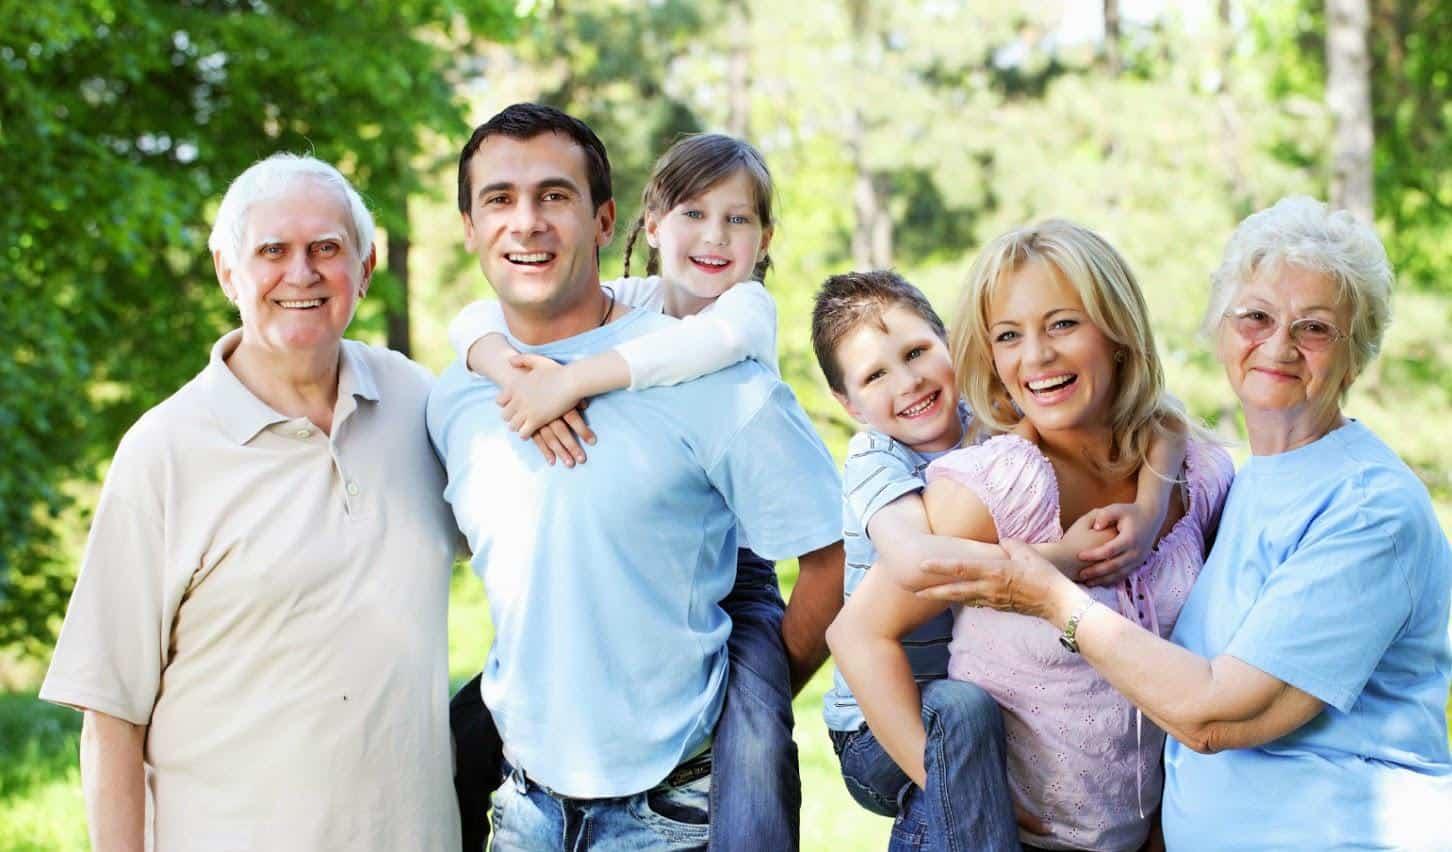 Dịch Vụ Chăm Sóc Người Già Cách Chăm Sóc Đúng Cách